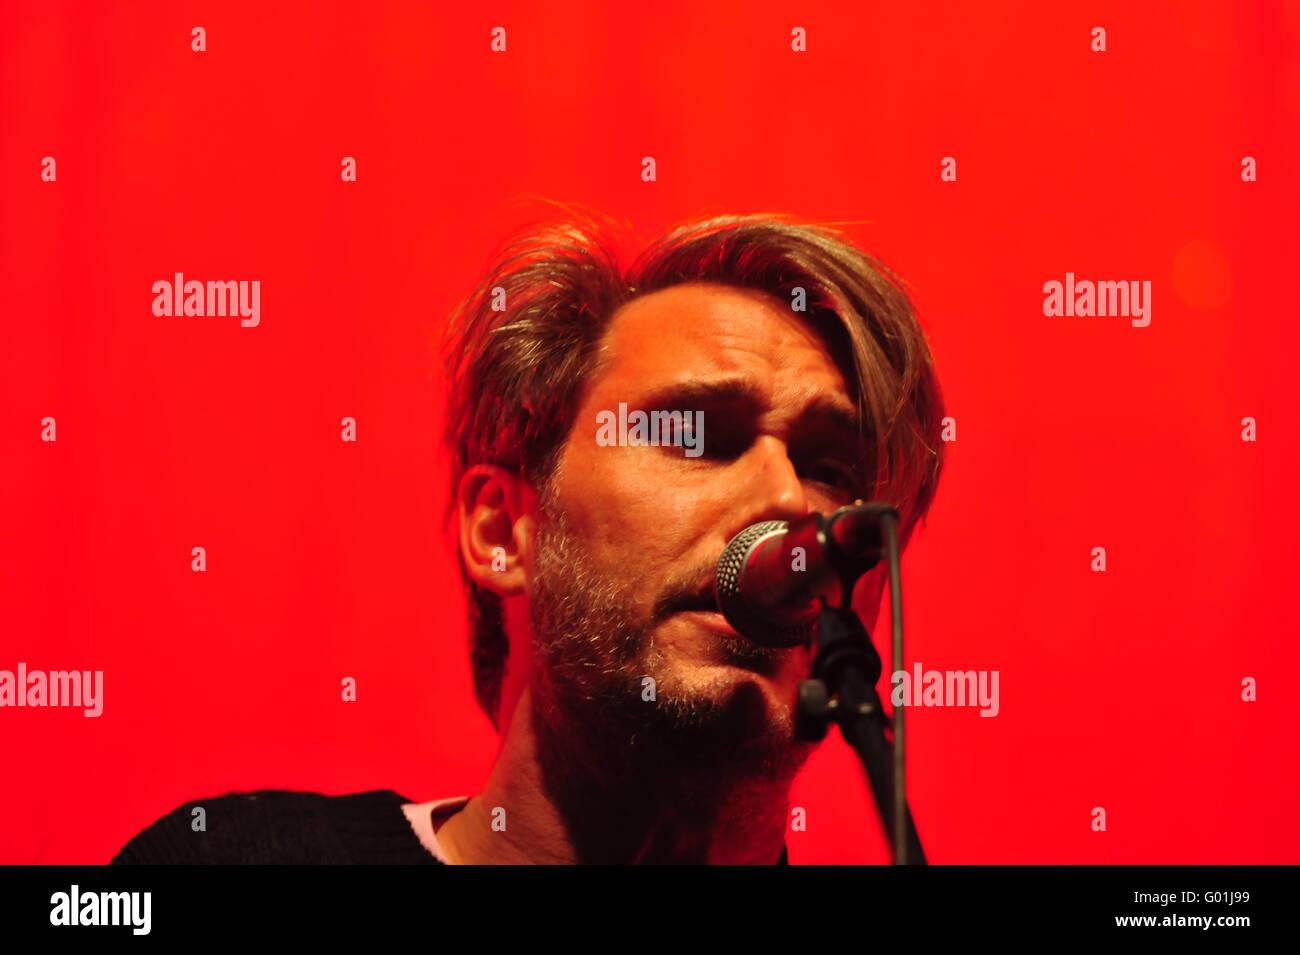 Tocotronic: EUROPA, DEUTSCHLAND, HAMBURG, 17.10.2015: Tocotronic live in der Hamburger Sporthalle. Nur zur redaktionellen Stockbild